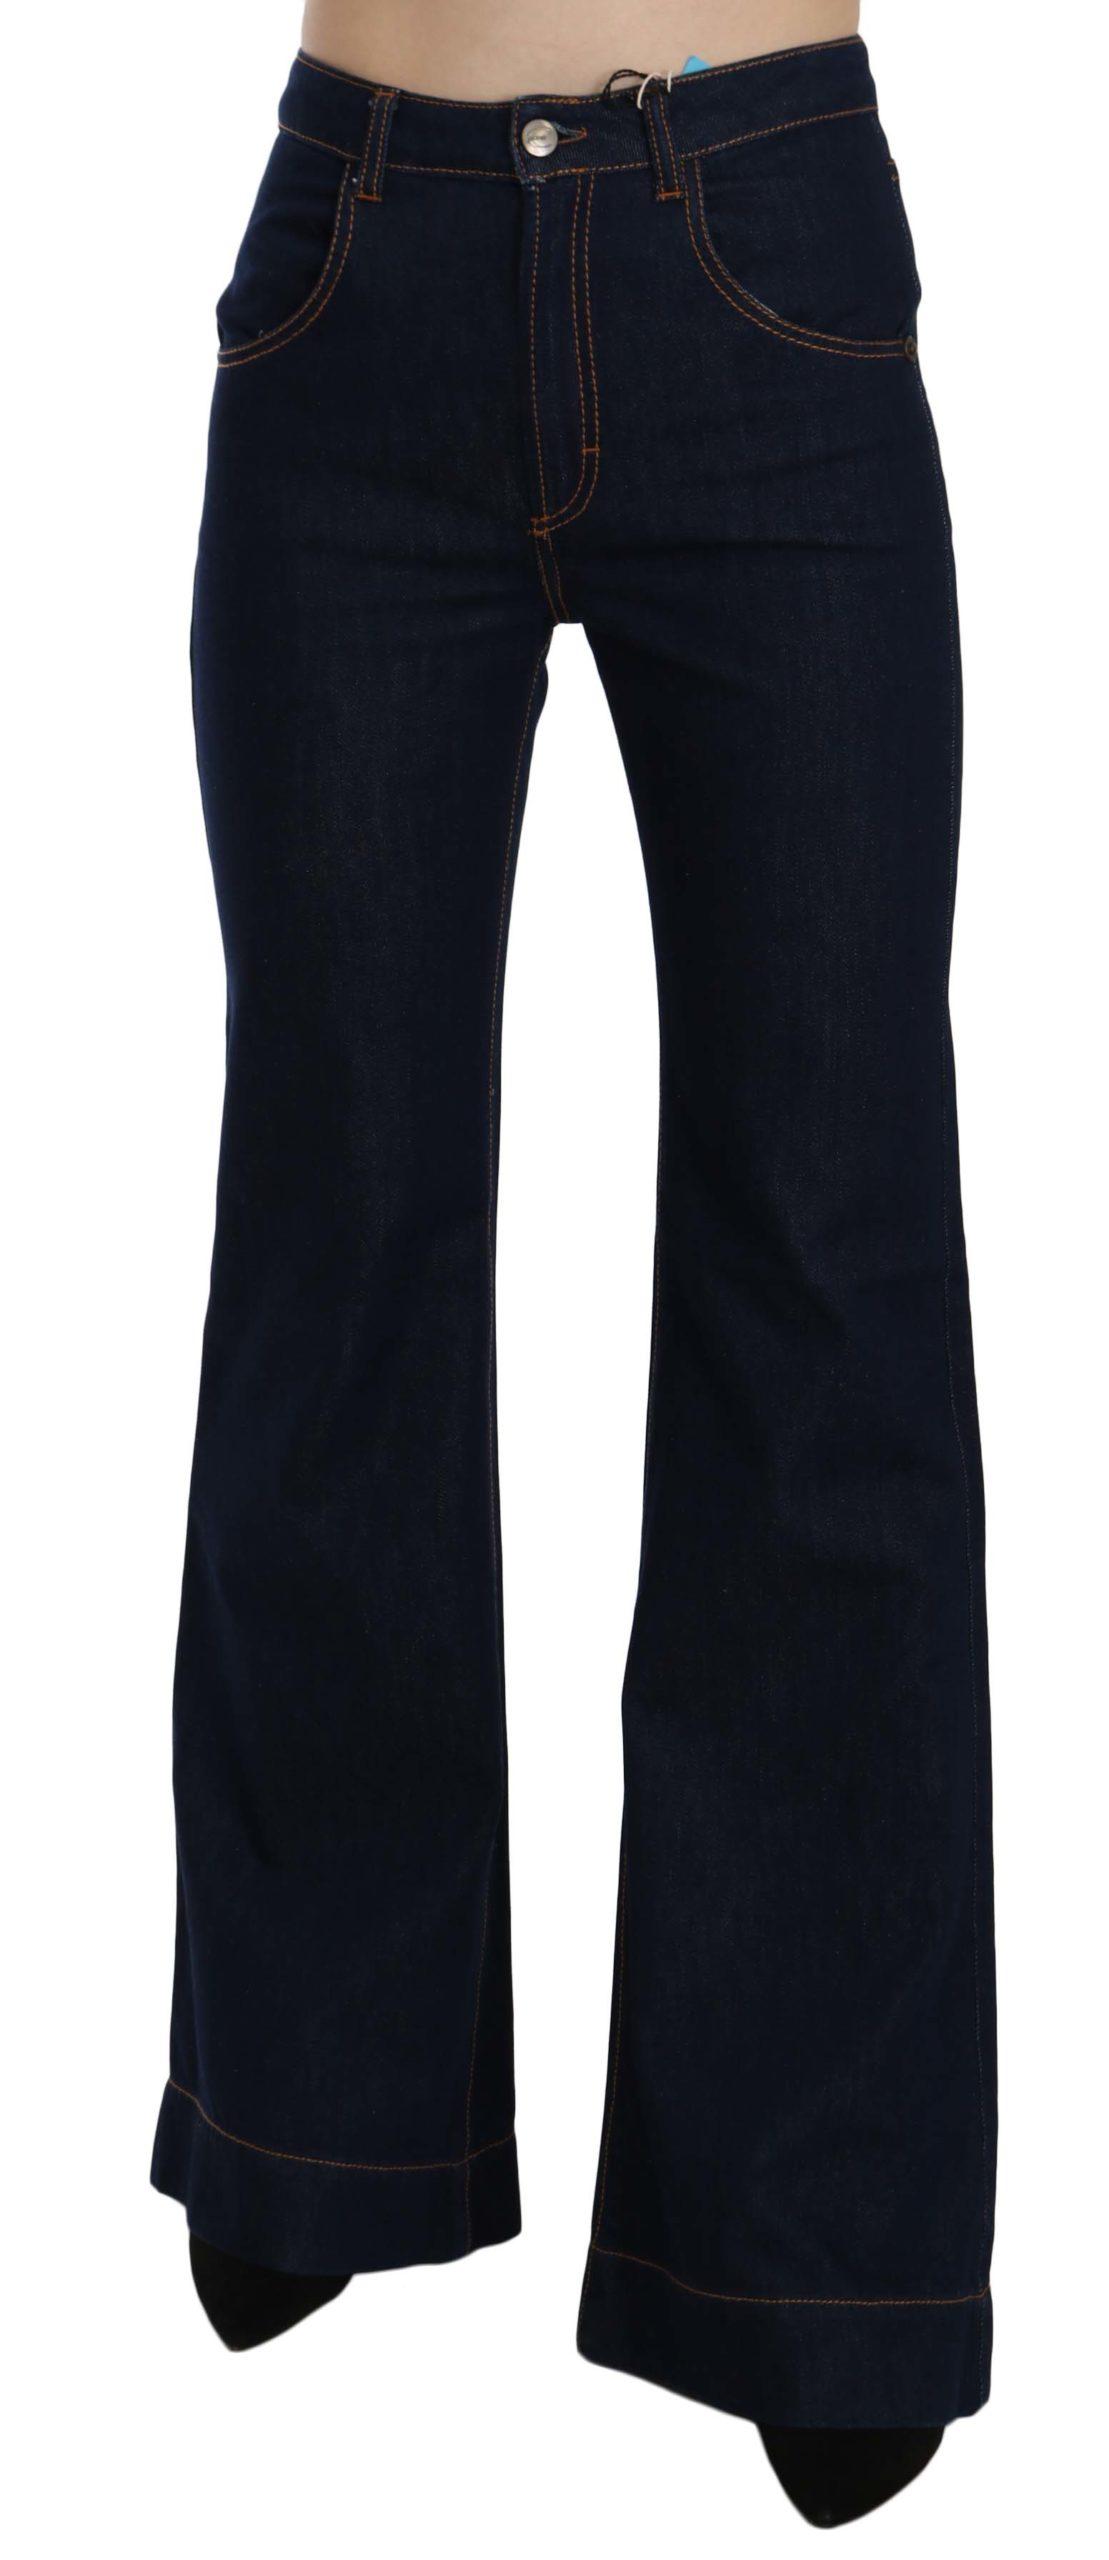 Just Cavalli Women's High Waist Boot Cut Denim Trouser Blue PAN70360 - W26